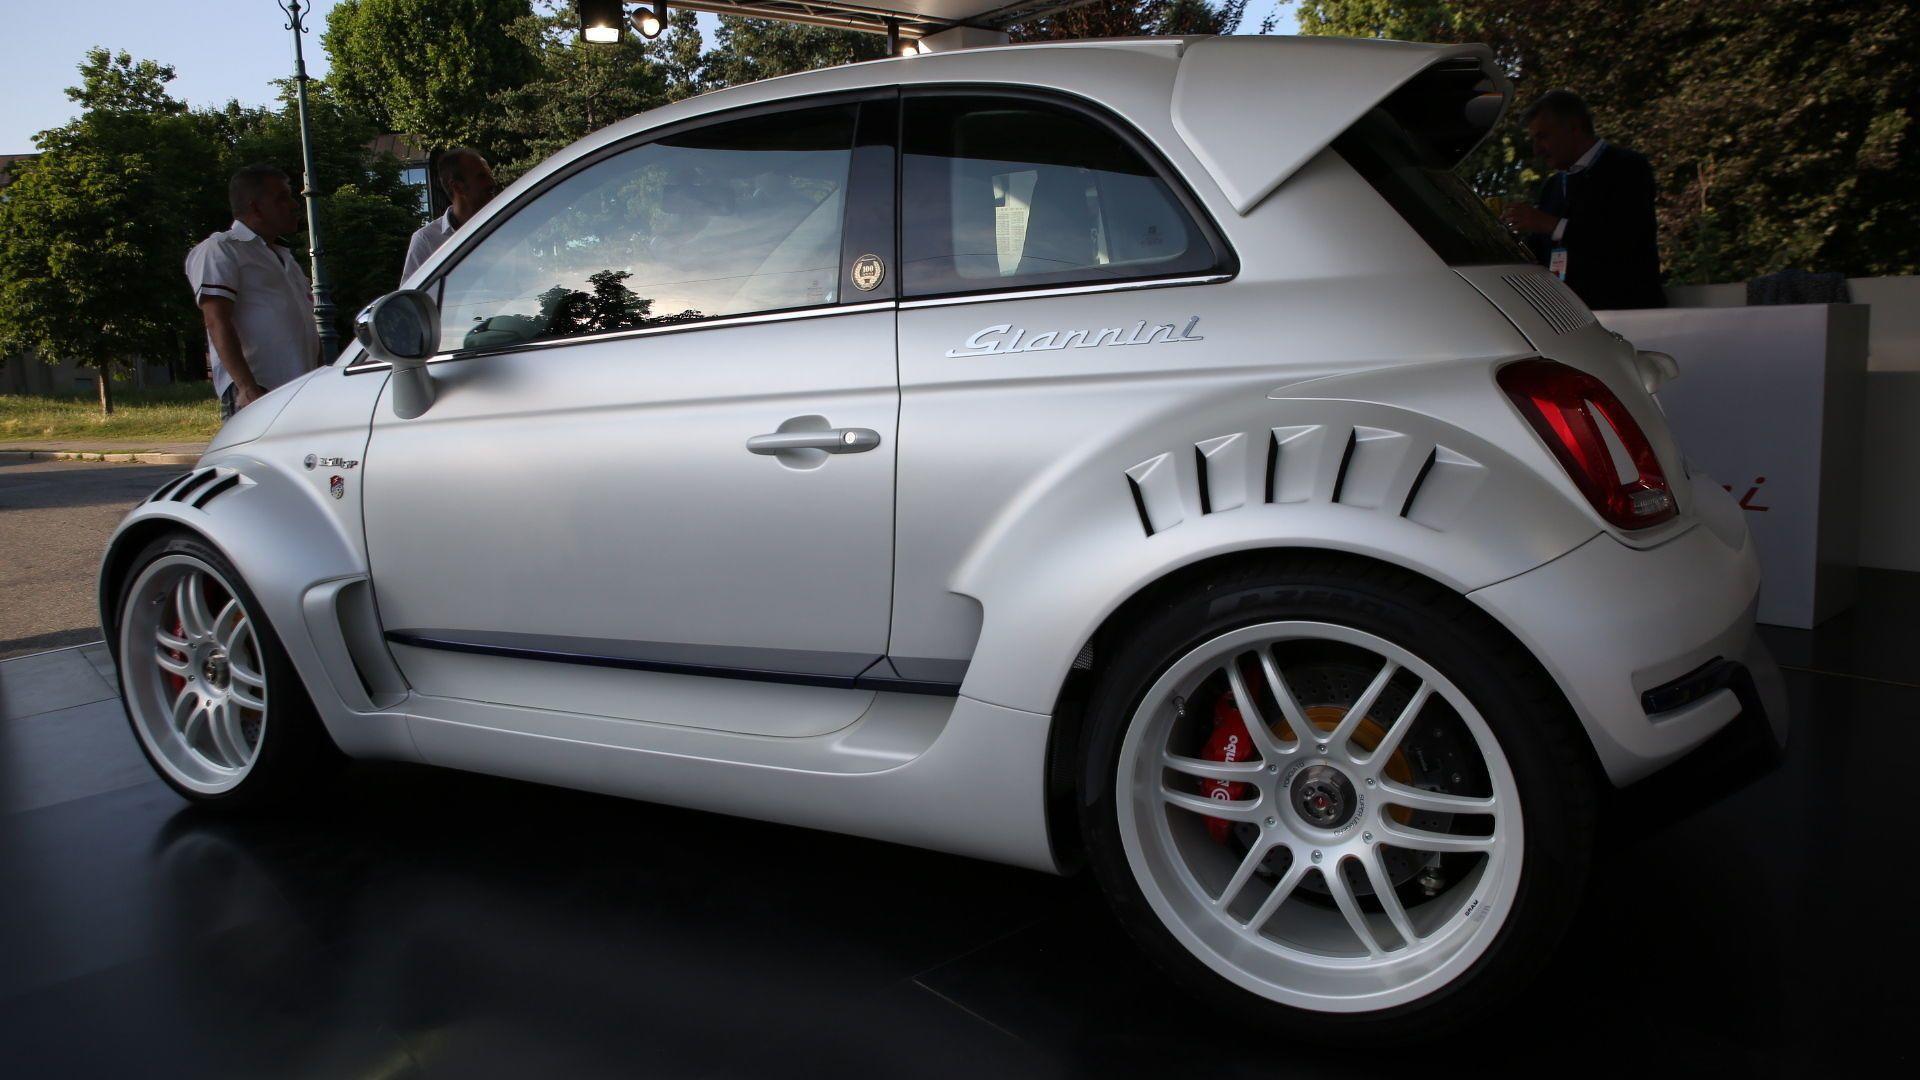 Fiat_500_Giannini_350_GP_Anniversario_02